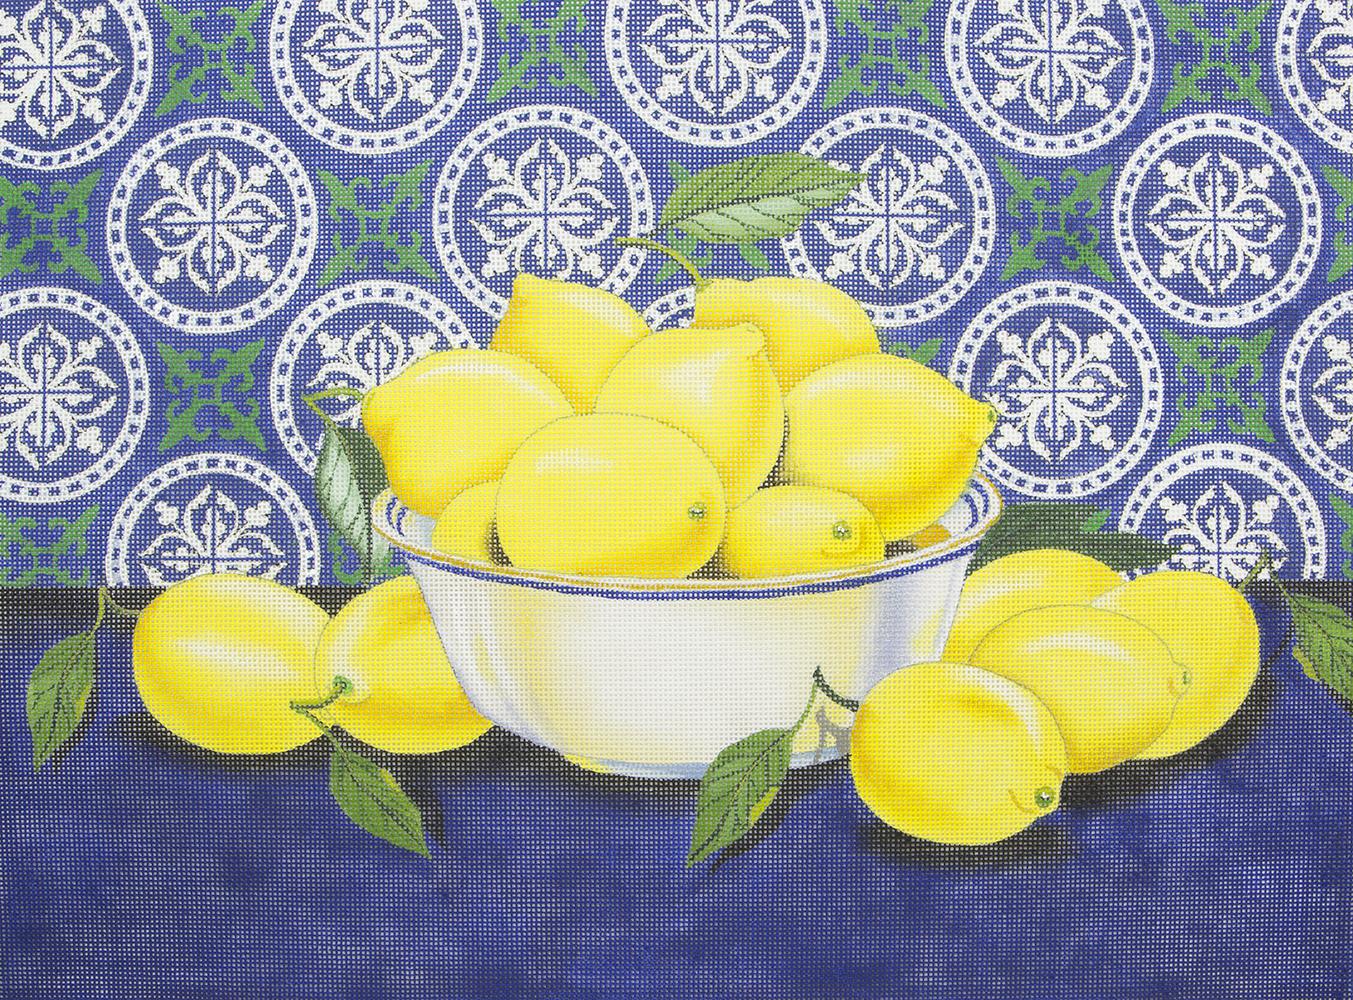 12669 Lemon Drop The Collection